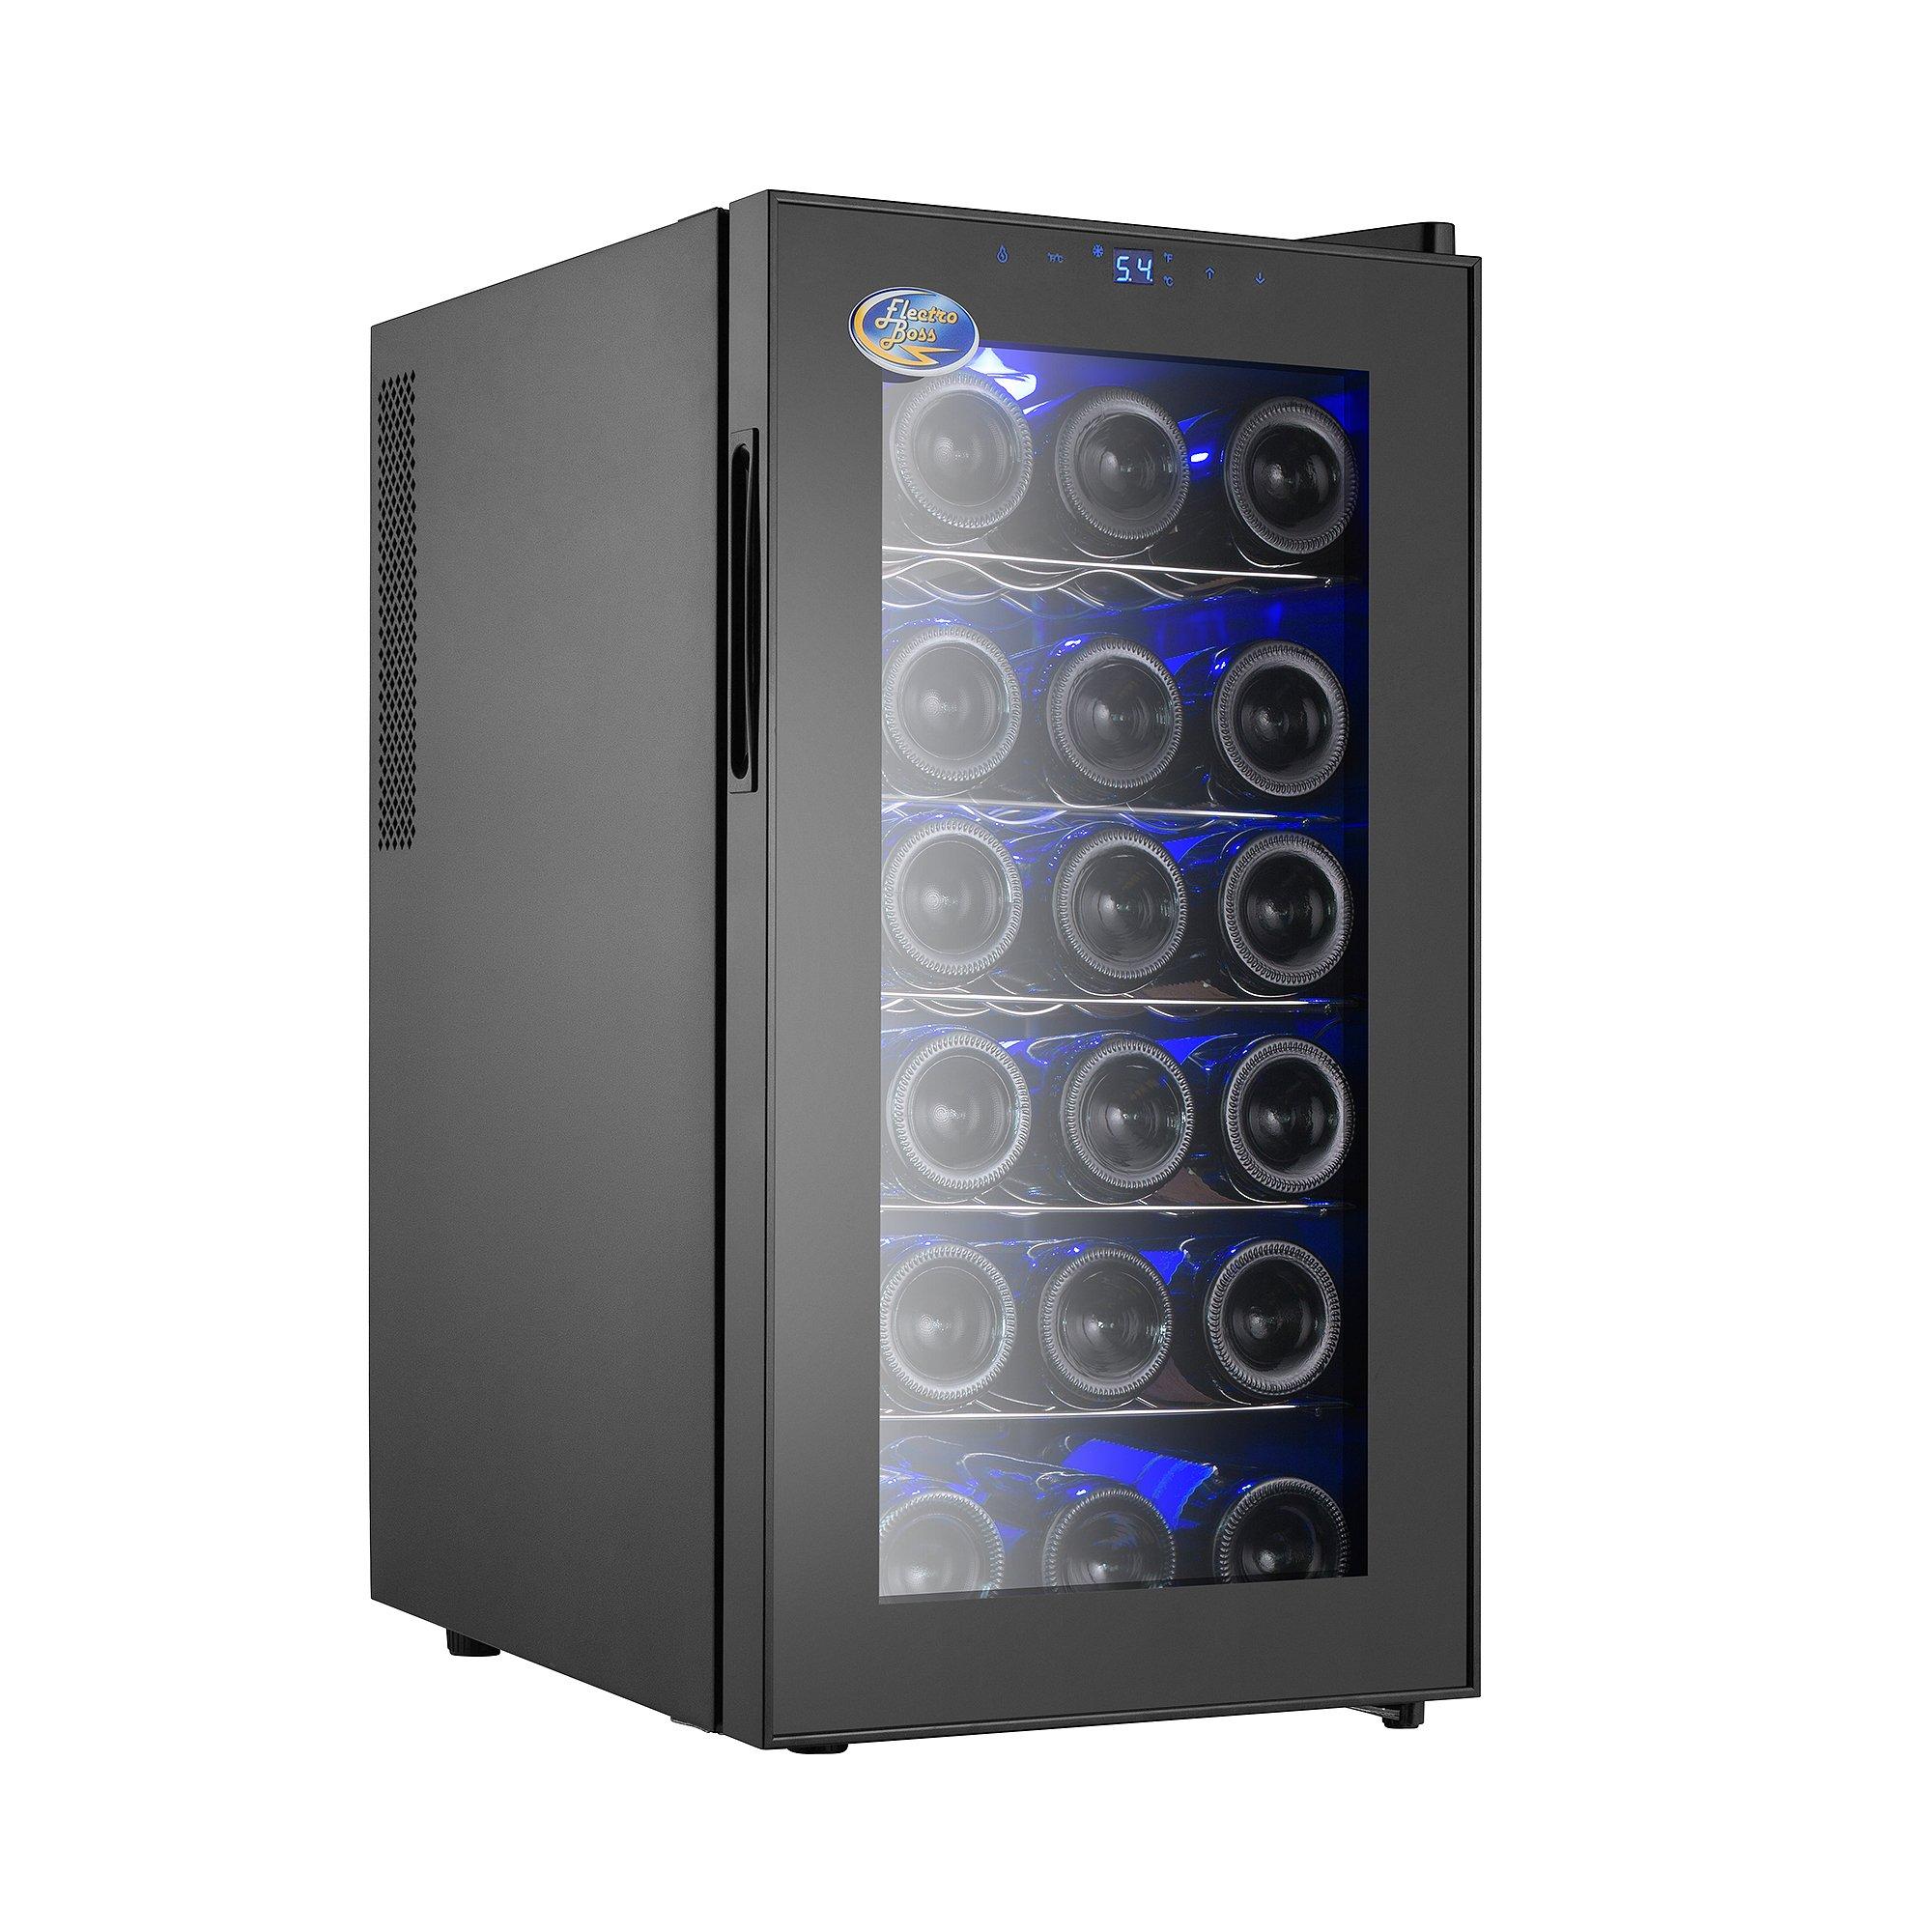 Electro Boss   18 Bottle Thermoelectic Wine Cooler   Black   Beverage Refrigerator   Reversible Door